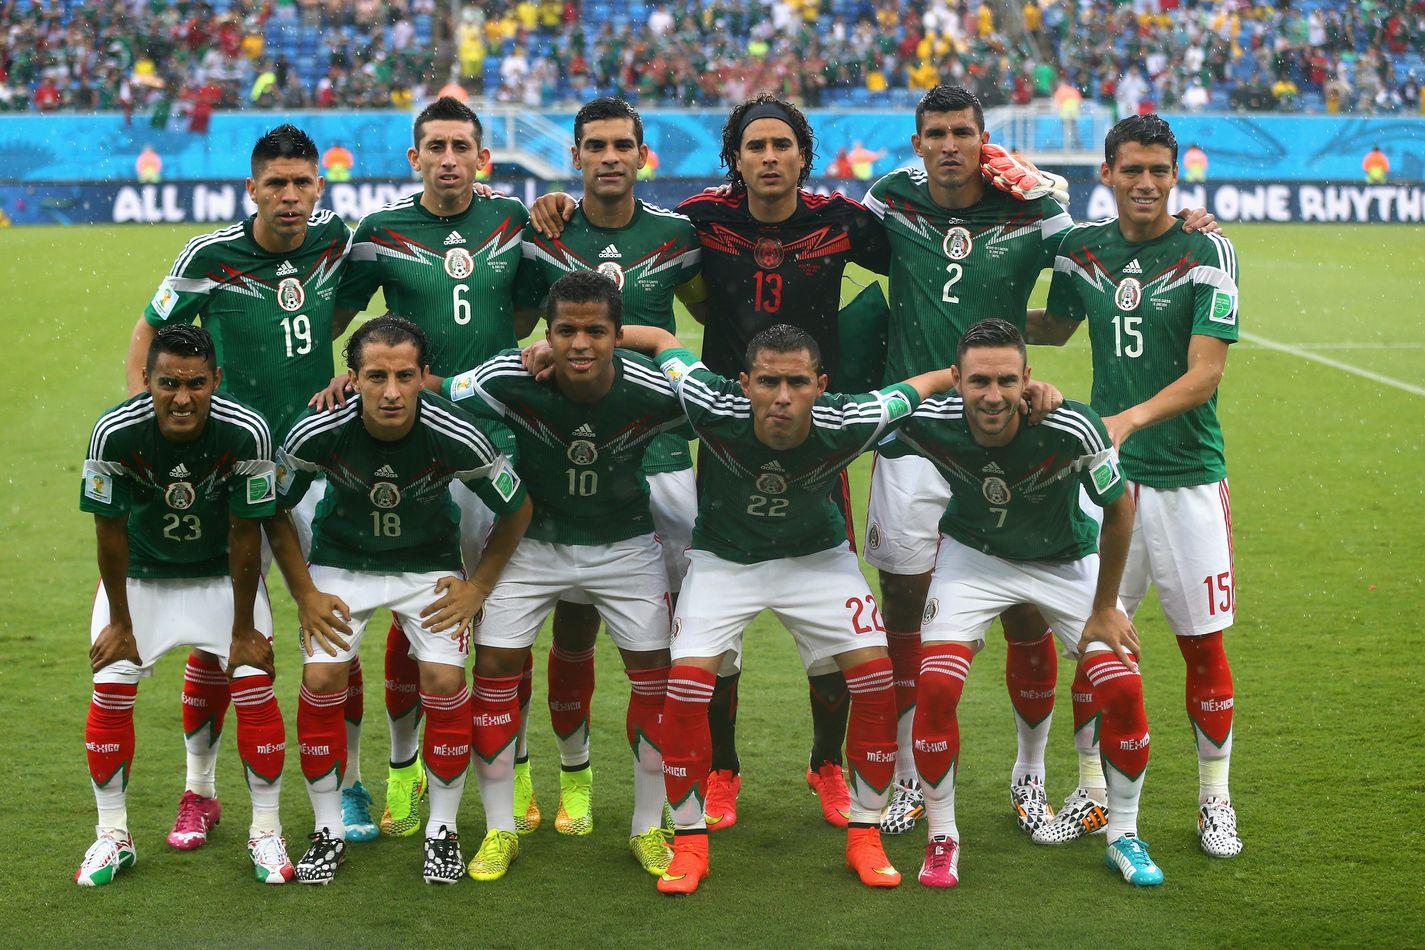 Selección de Mexico en el partido contra Camerún. Brasil 2014 :)